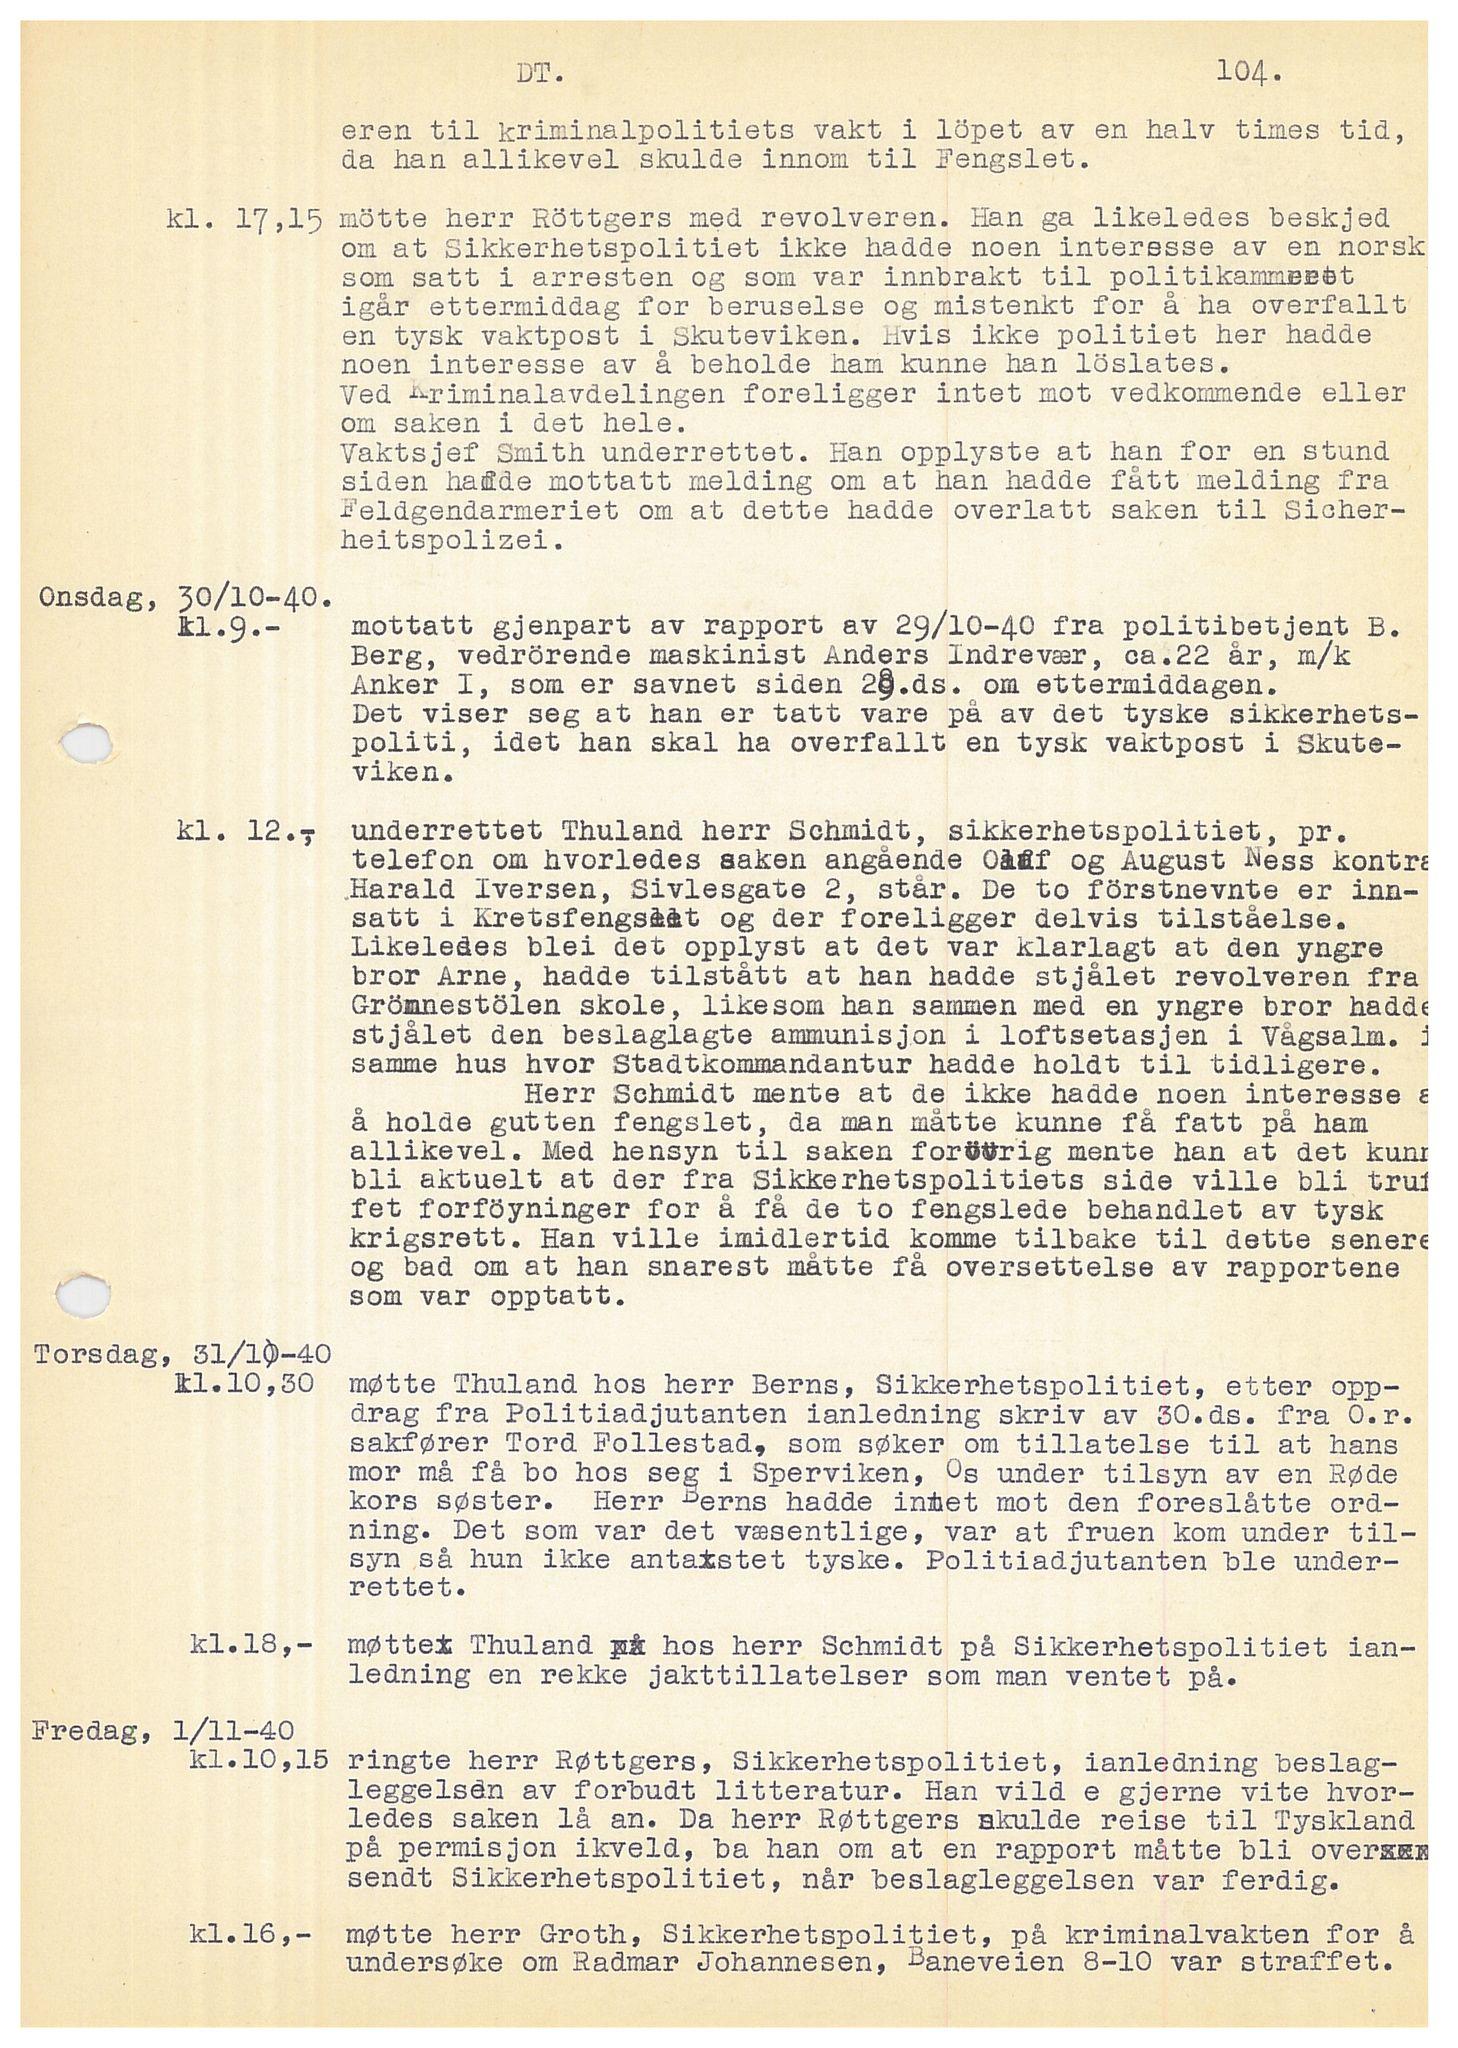 SAB, Bergen politidistrikt, Y/Ye/L0001: Avskrift av krigsdagbok av Dankert Thuland, 1940-1941, s. 104